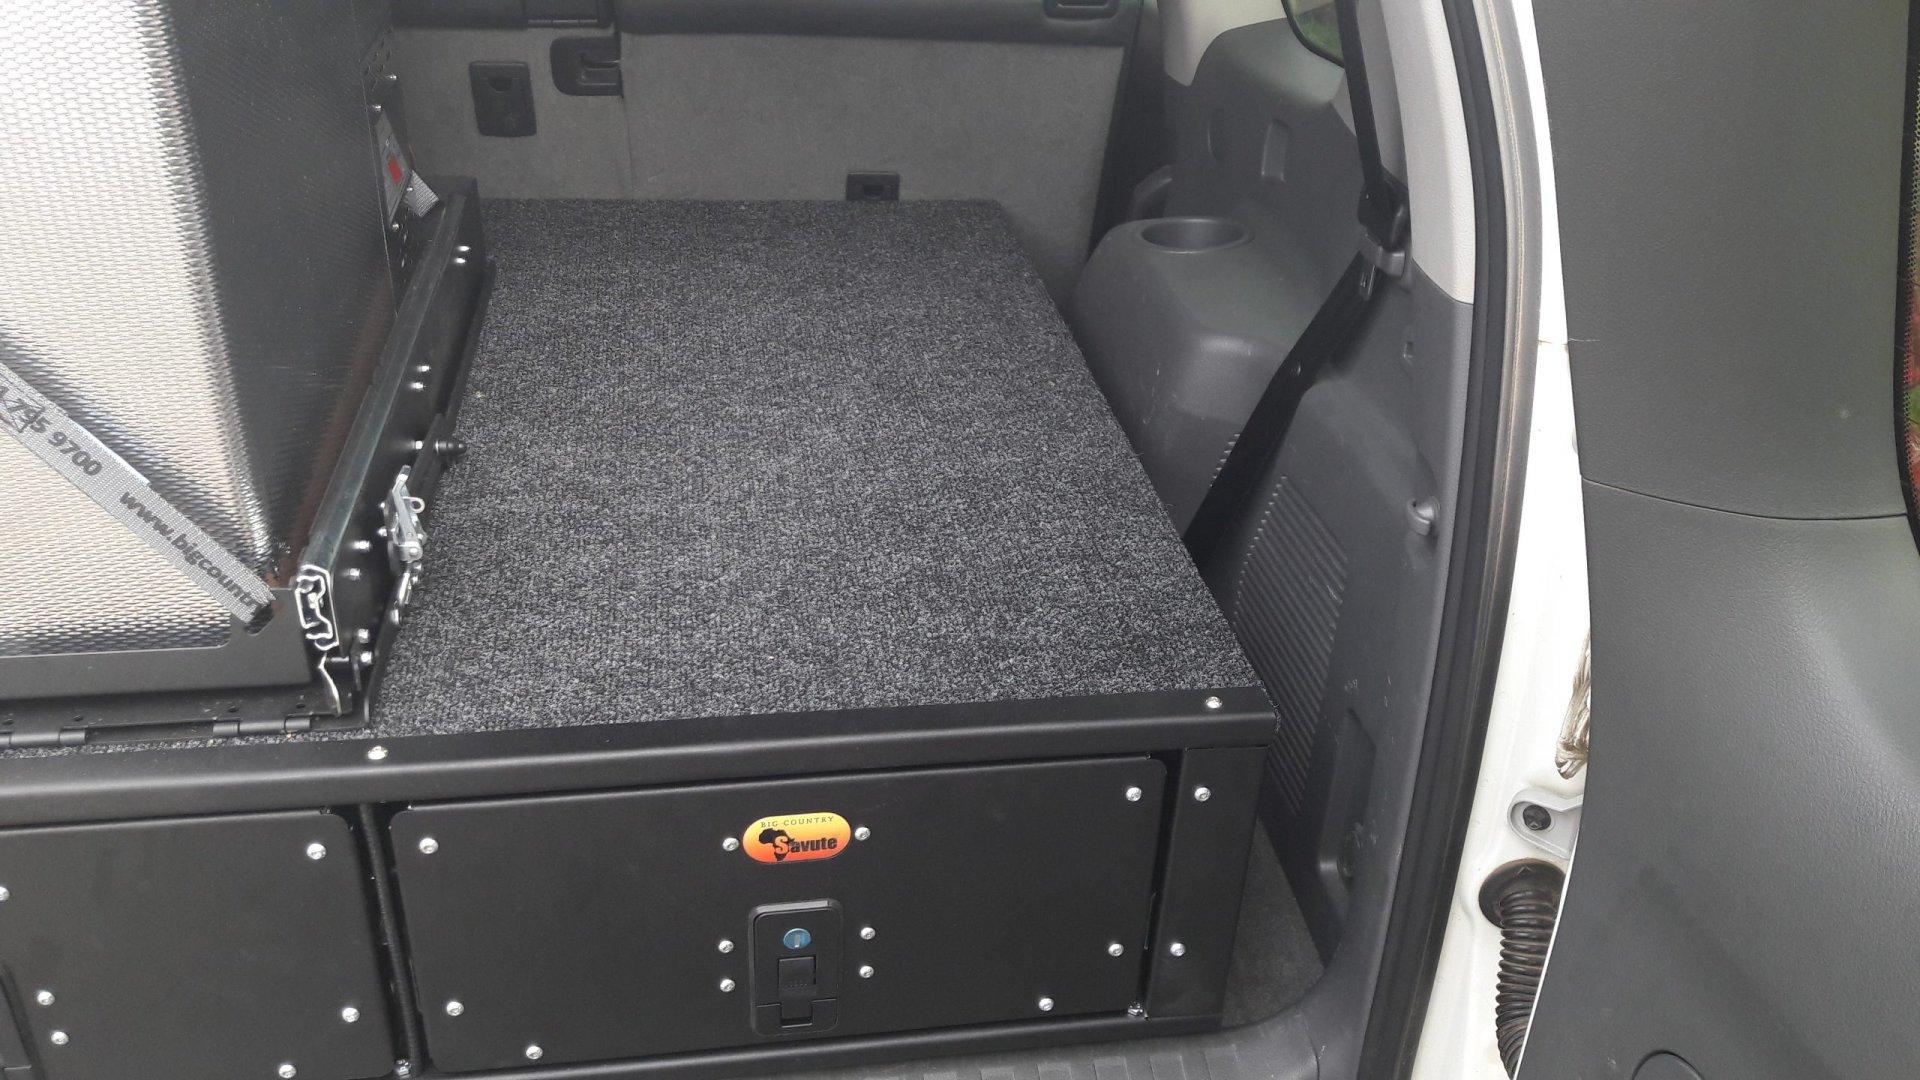 D162-Prado150-Seat-mount-drawer-4-scaled.jpg